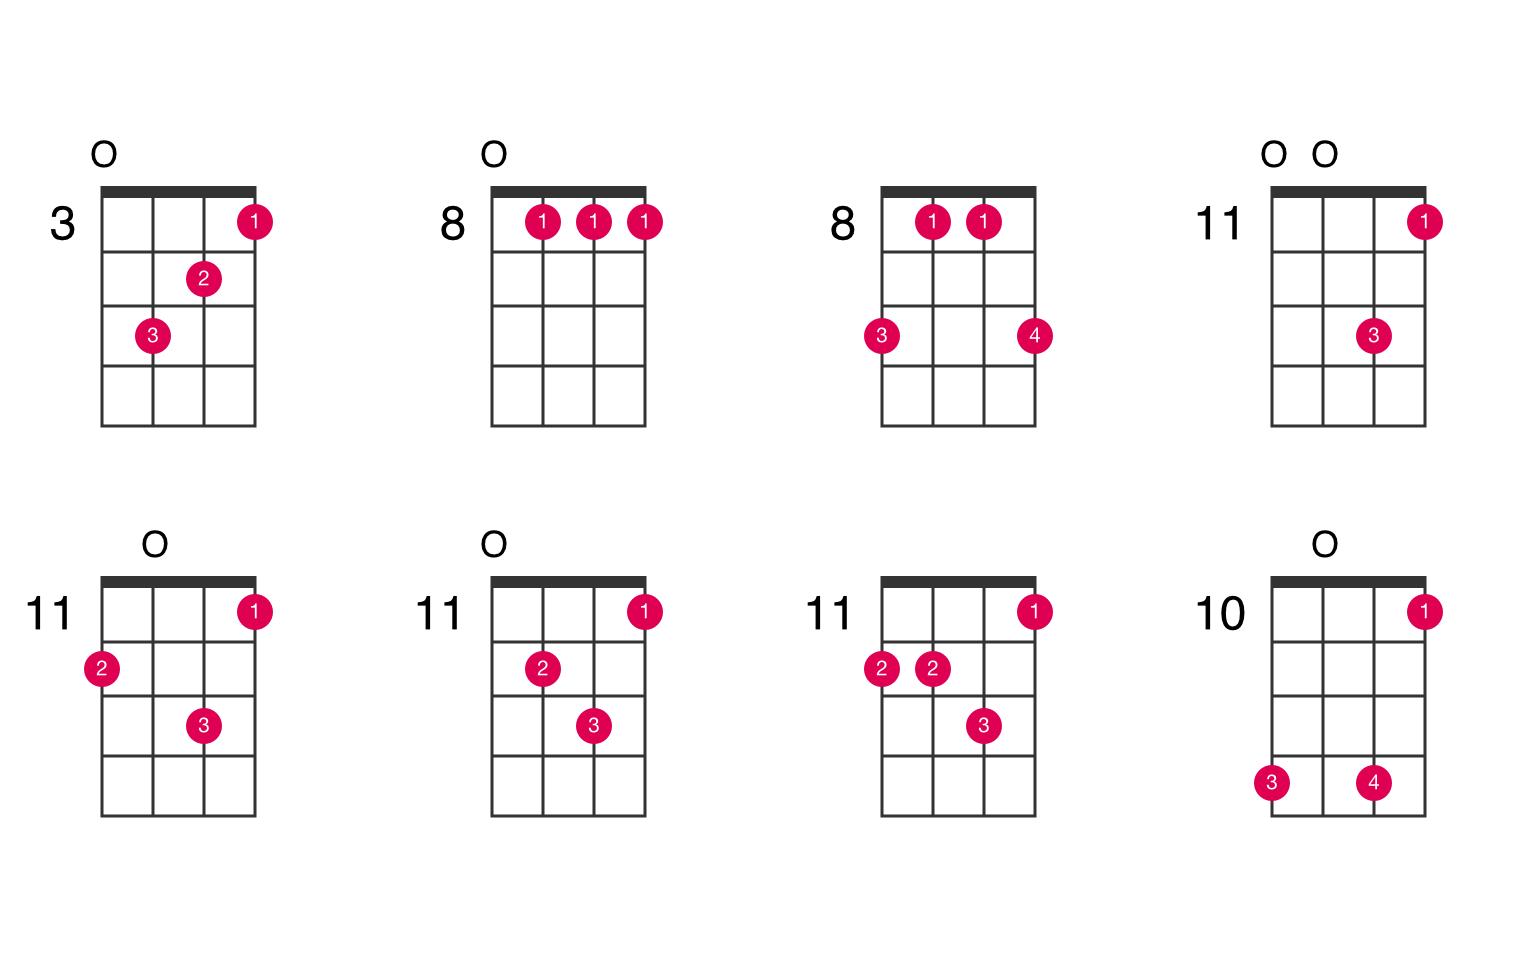 F minor add 9 ukulele chord - UkeLib Chords